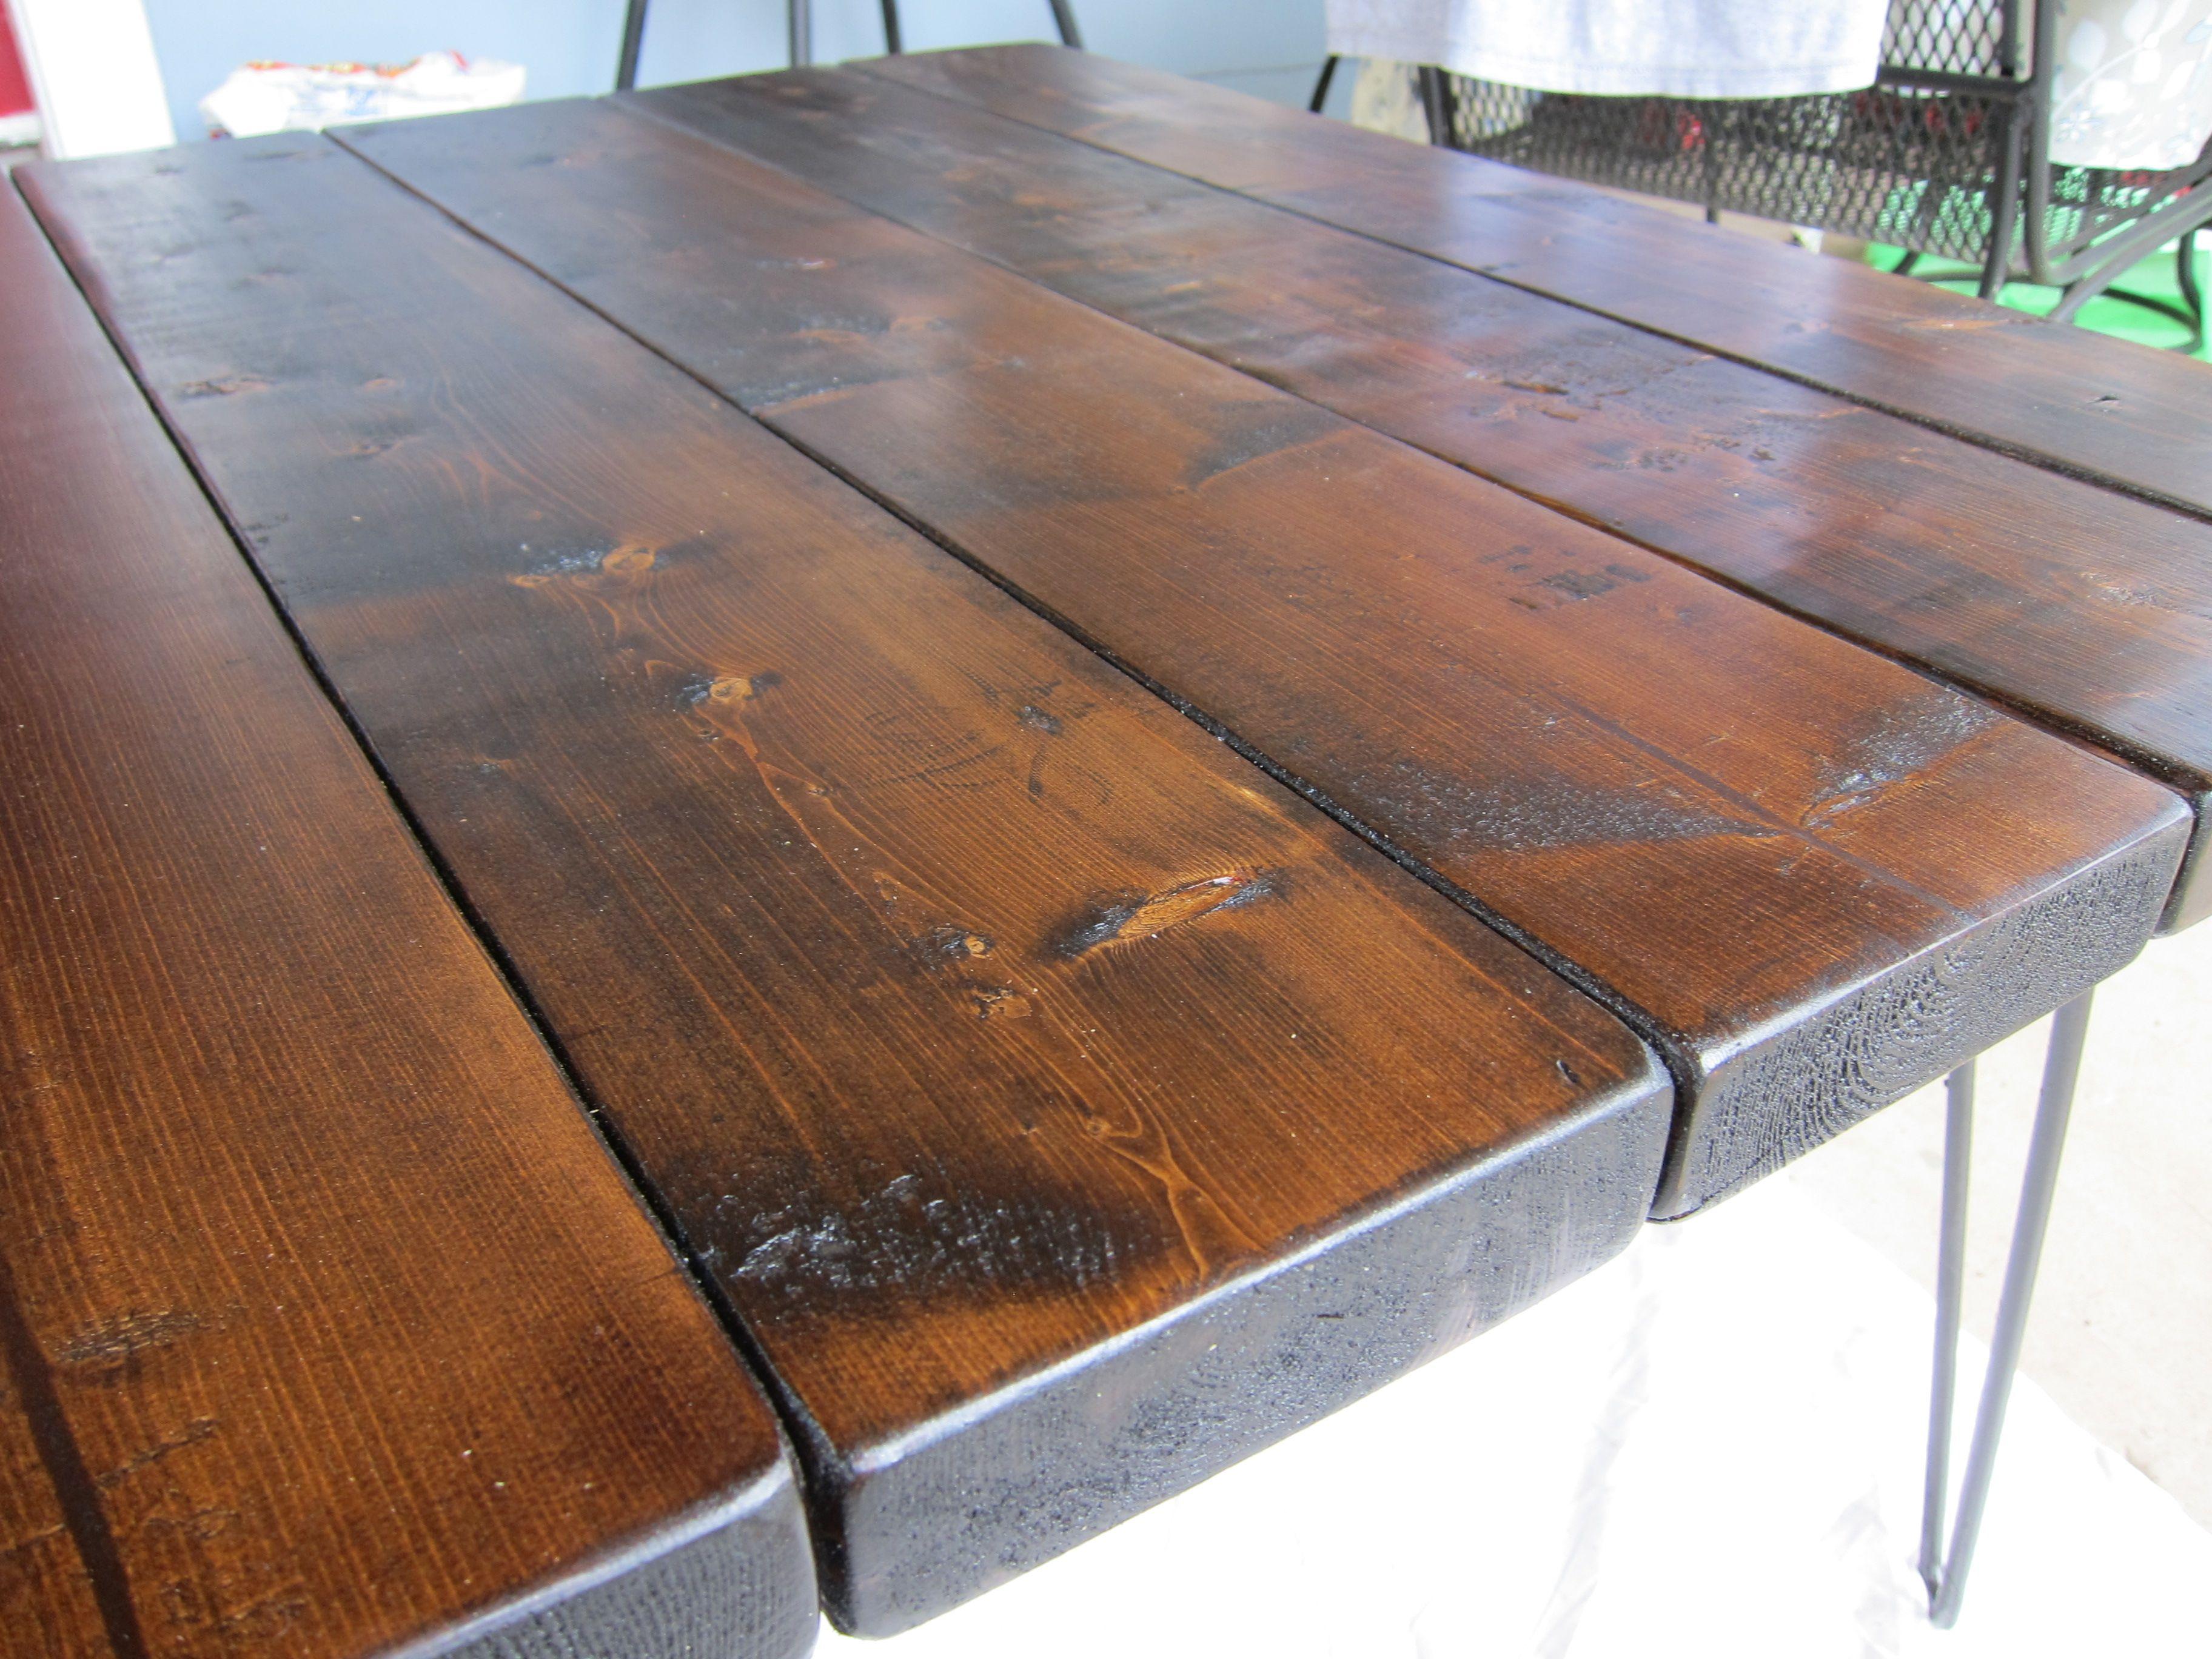 57a3676efb6fef34cd14437f0a114a00 Frais De Fabriquer Une Table Schème